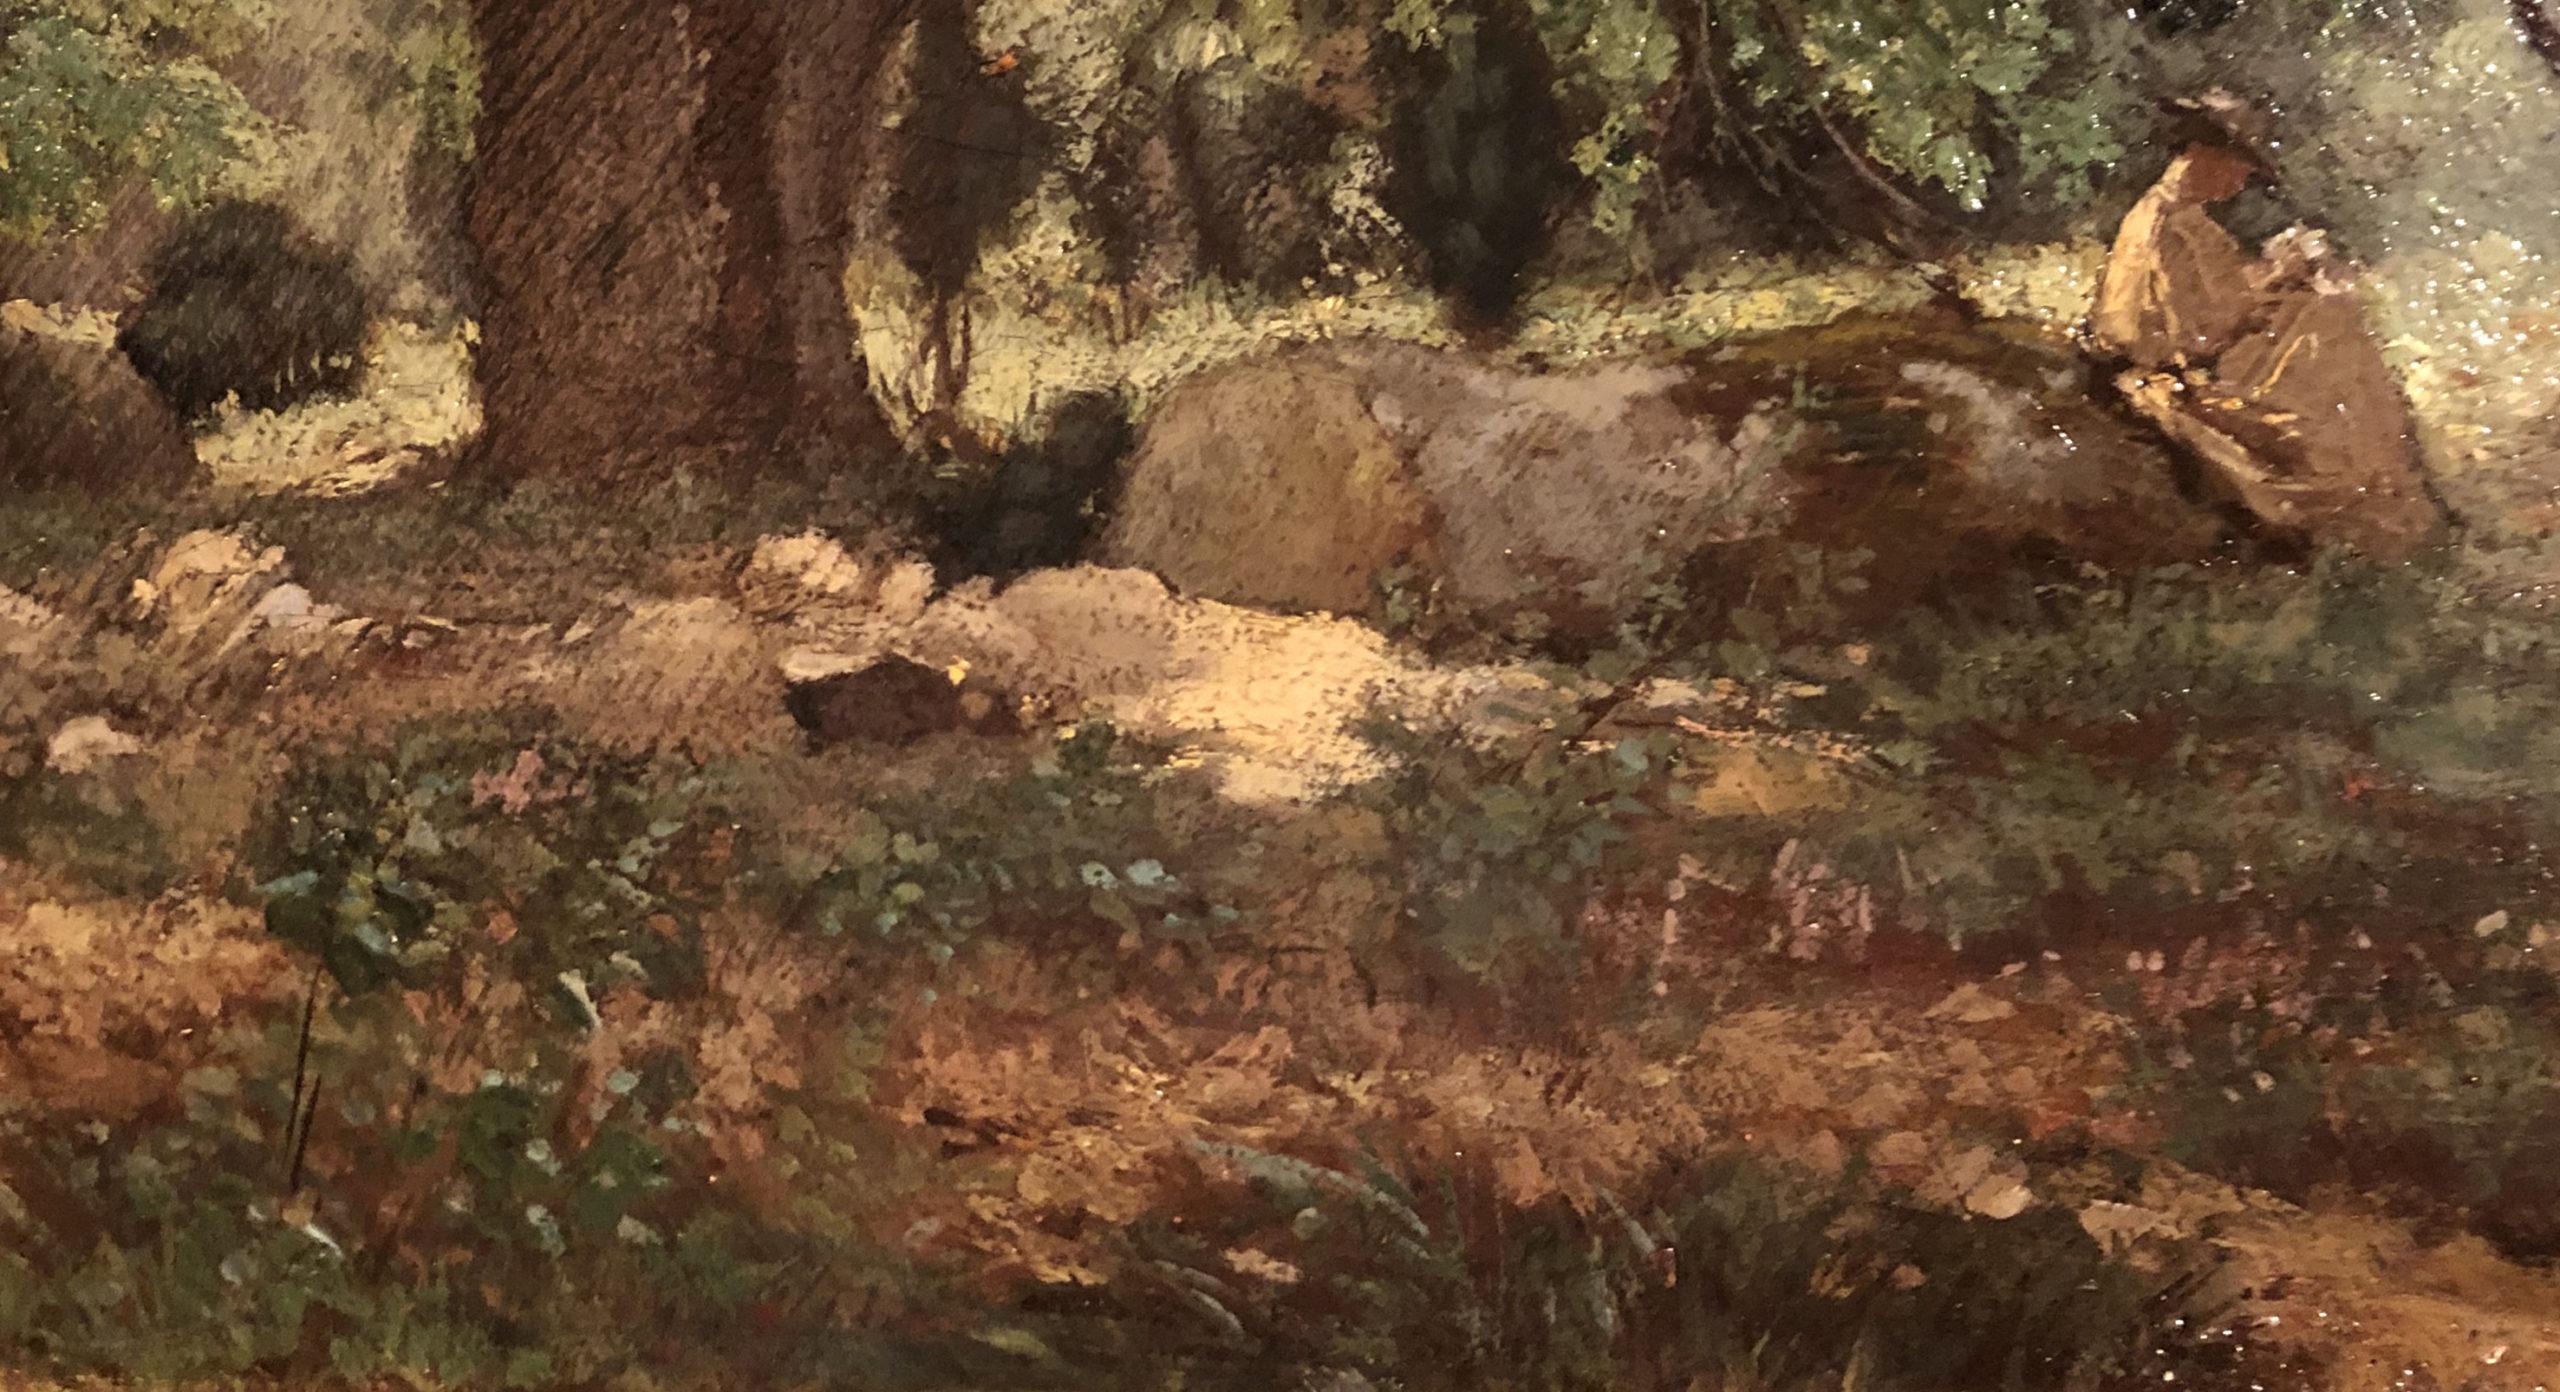 Théodore Rousseau, Madame Rose en forêt, (détail) Huile sur toile, (détail) Coll. part.